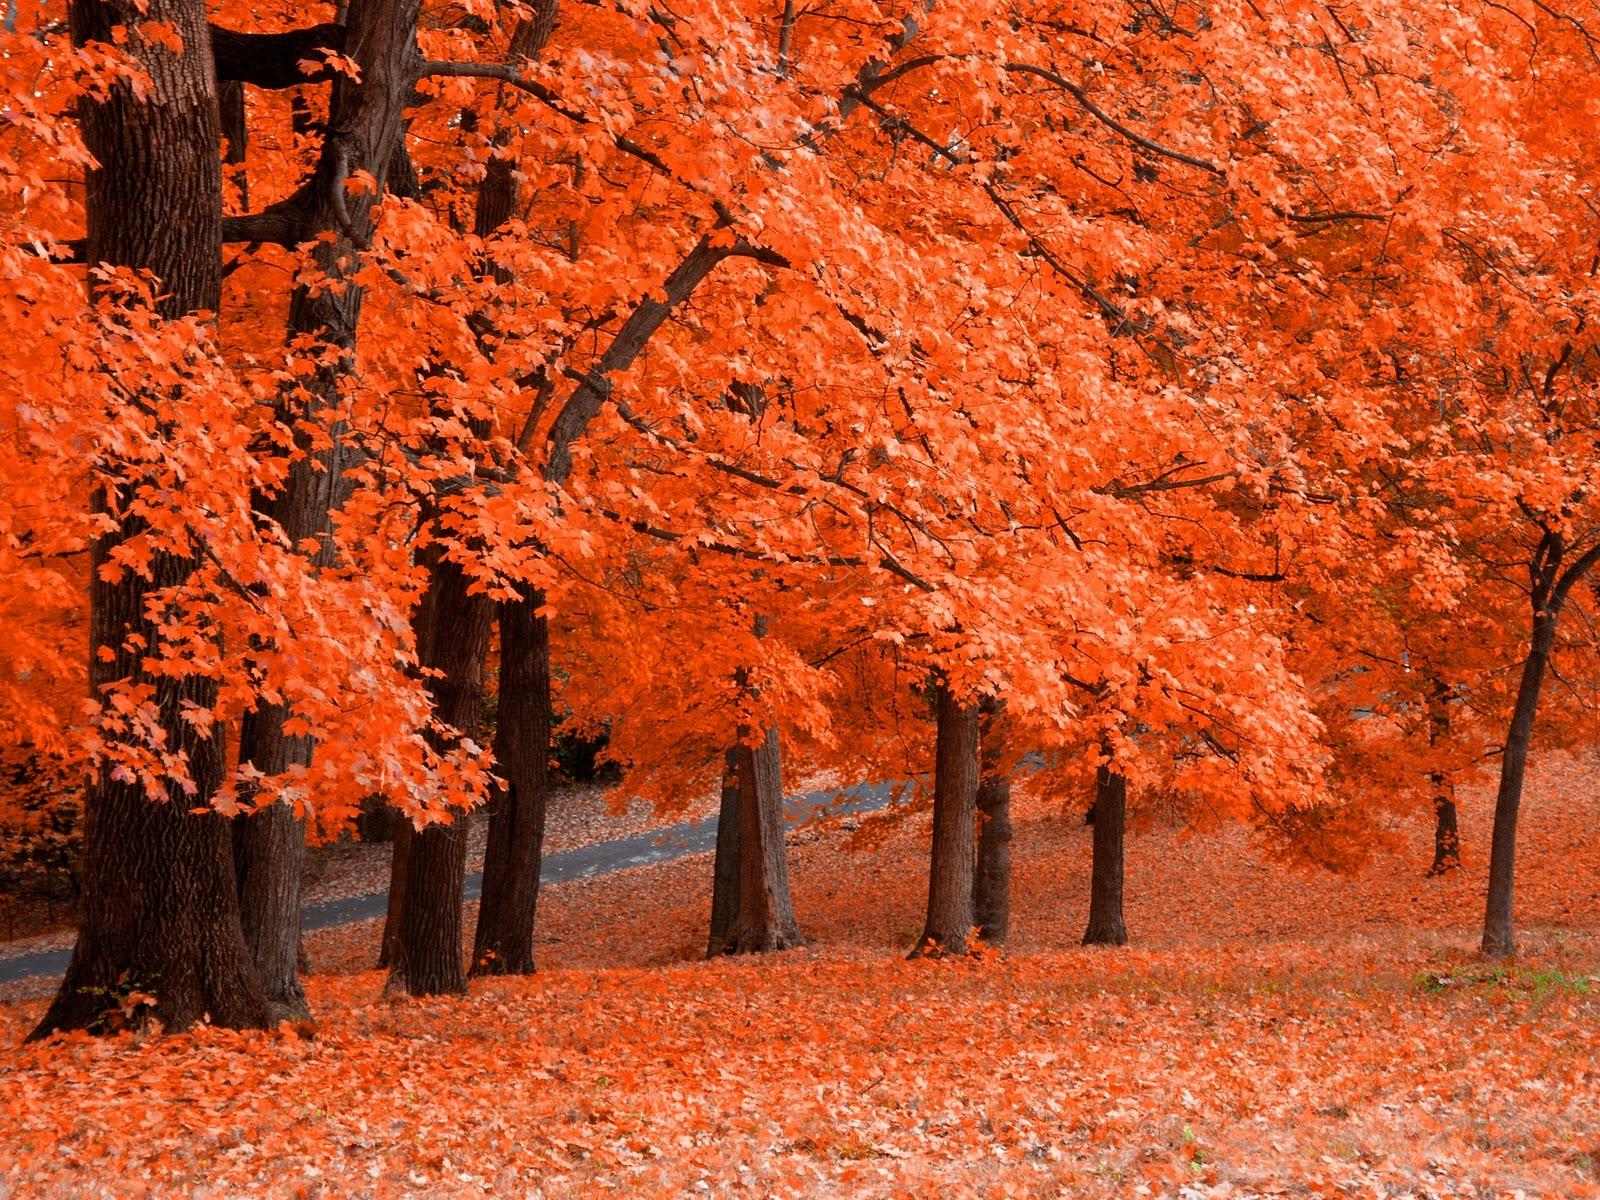 Gambar pemandangan musim gugur yang sangat indah @digaleri com